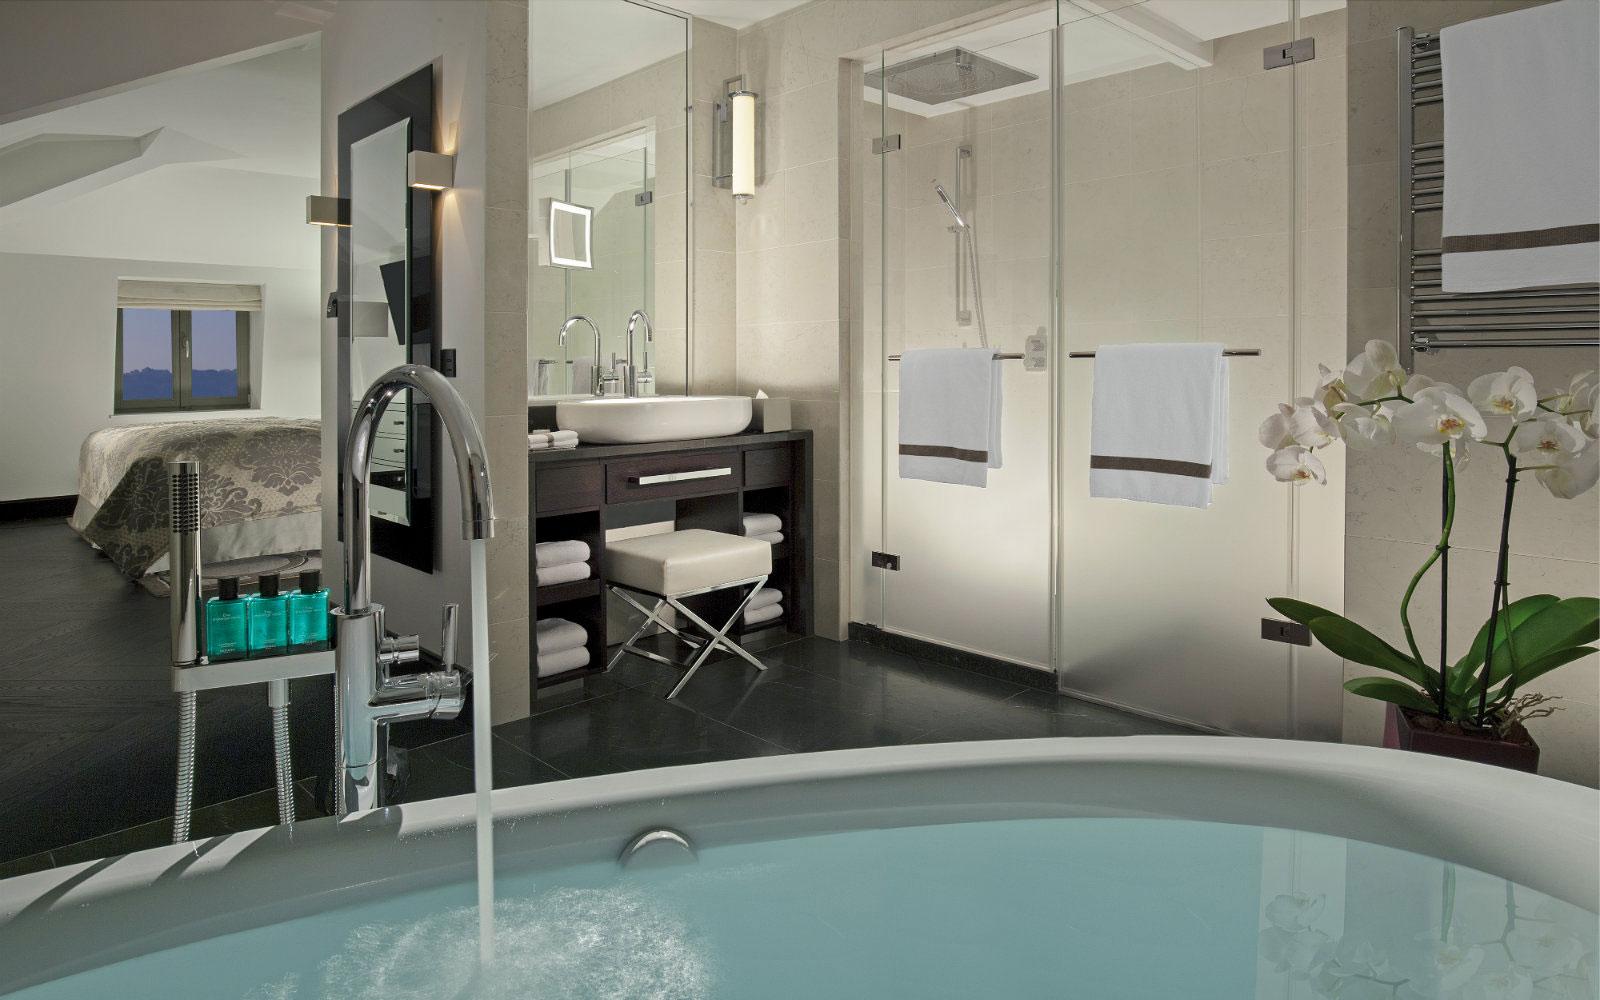 Sèche-serviettes DB Distribution à l'hôtel Royal Savoy à Lausanne